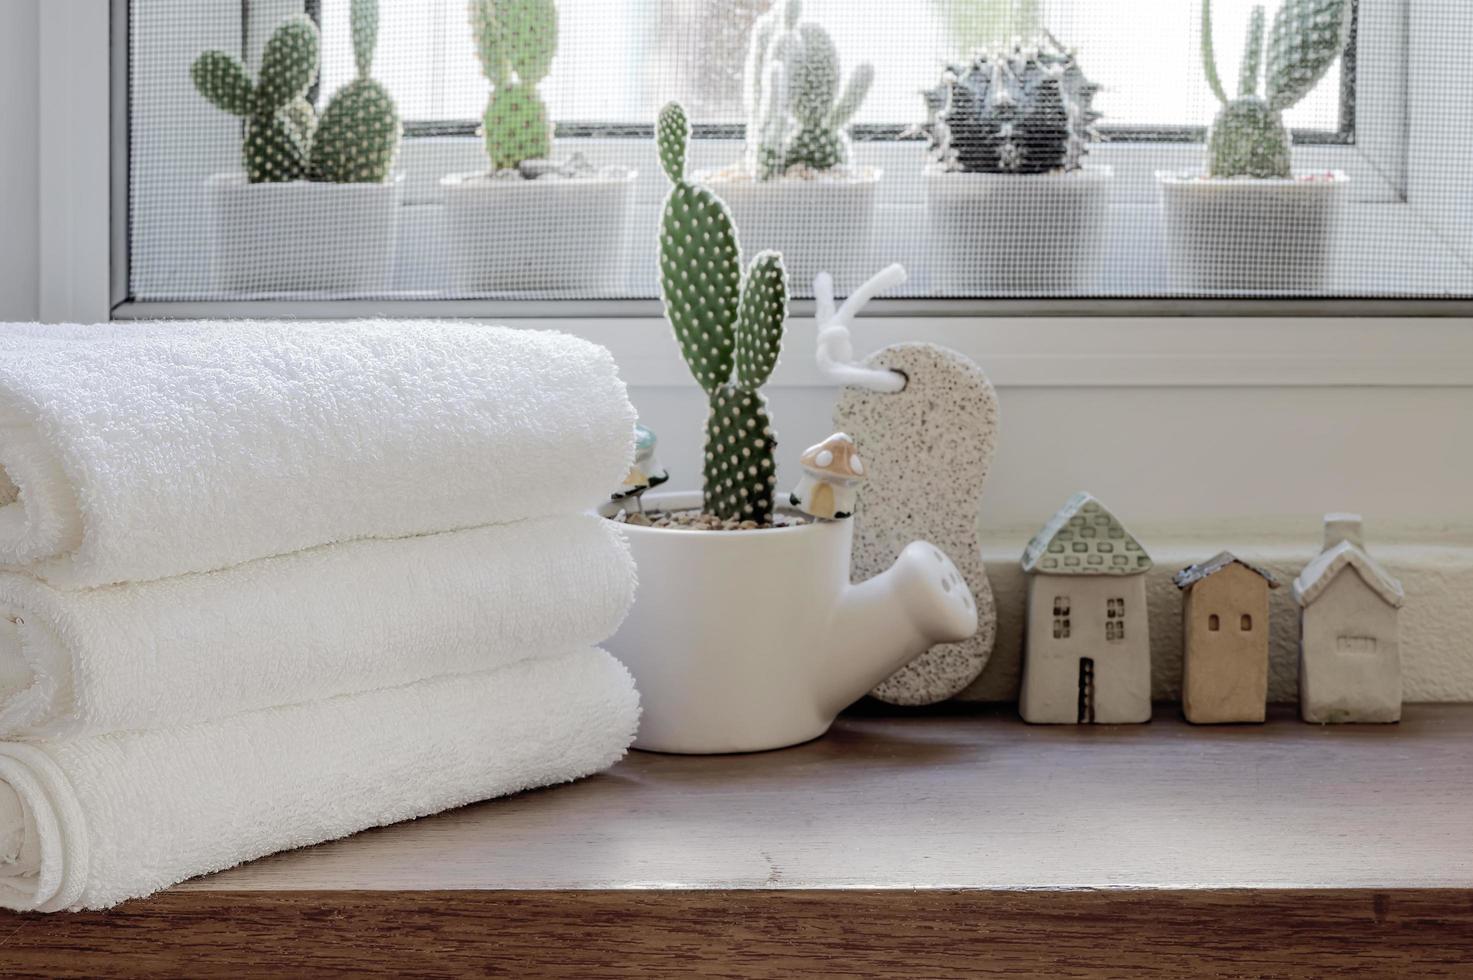 asciugamani puliti piegati con pianta d'appartamento sul bancone in legno foto